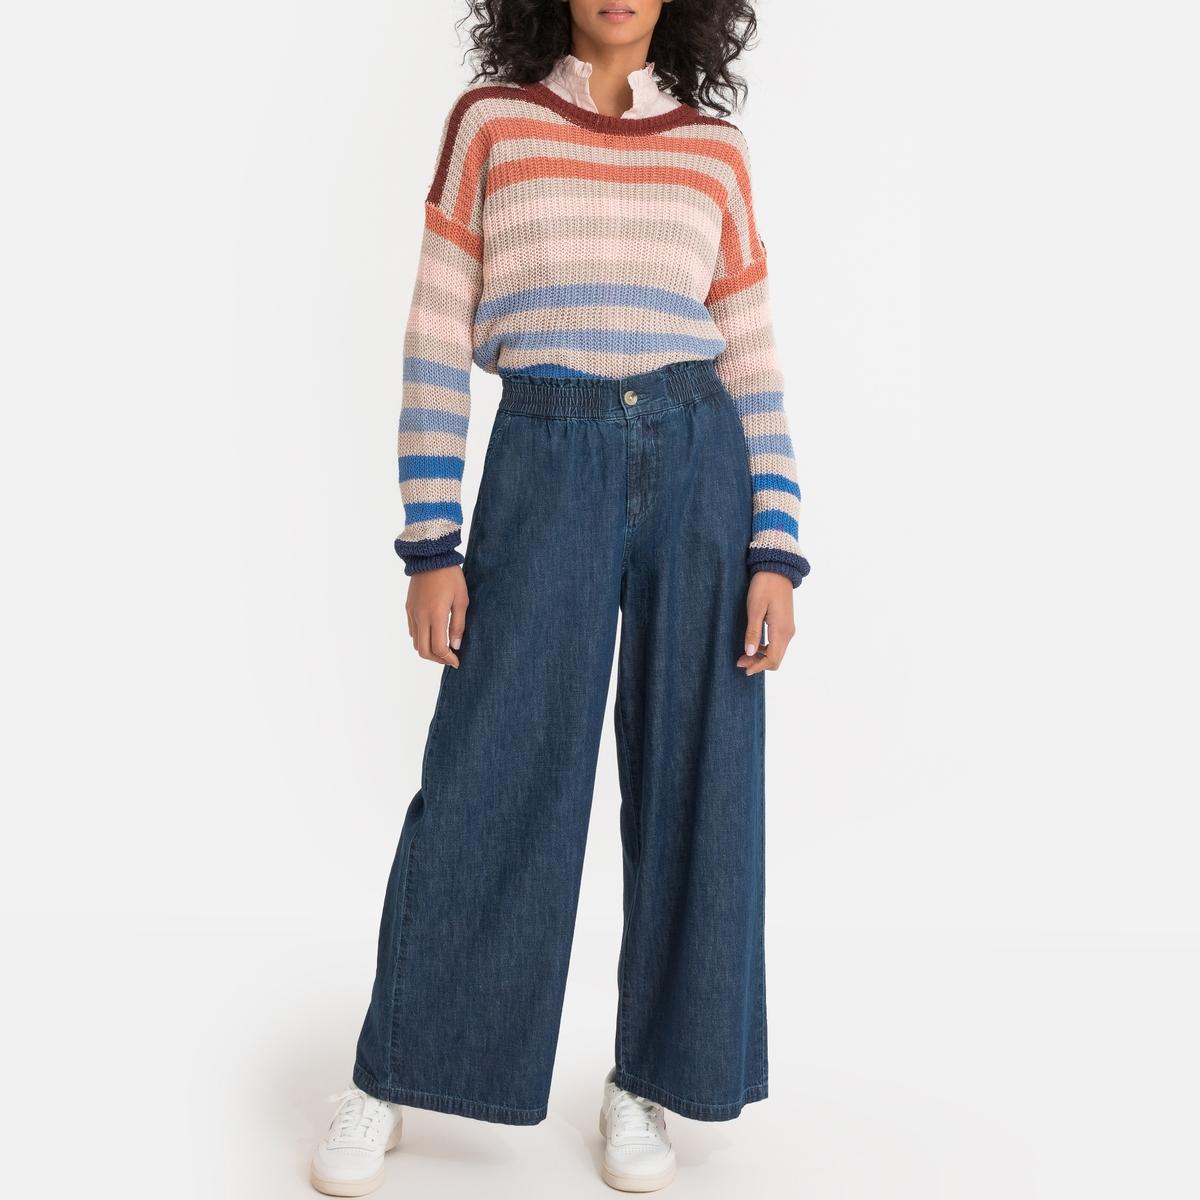 Imagen secundaria de producto de Jersey de lino mezclado de cuello redondo - Pepe Jeans